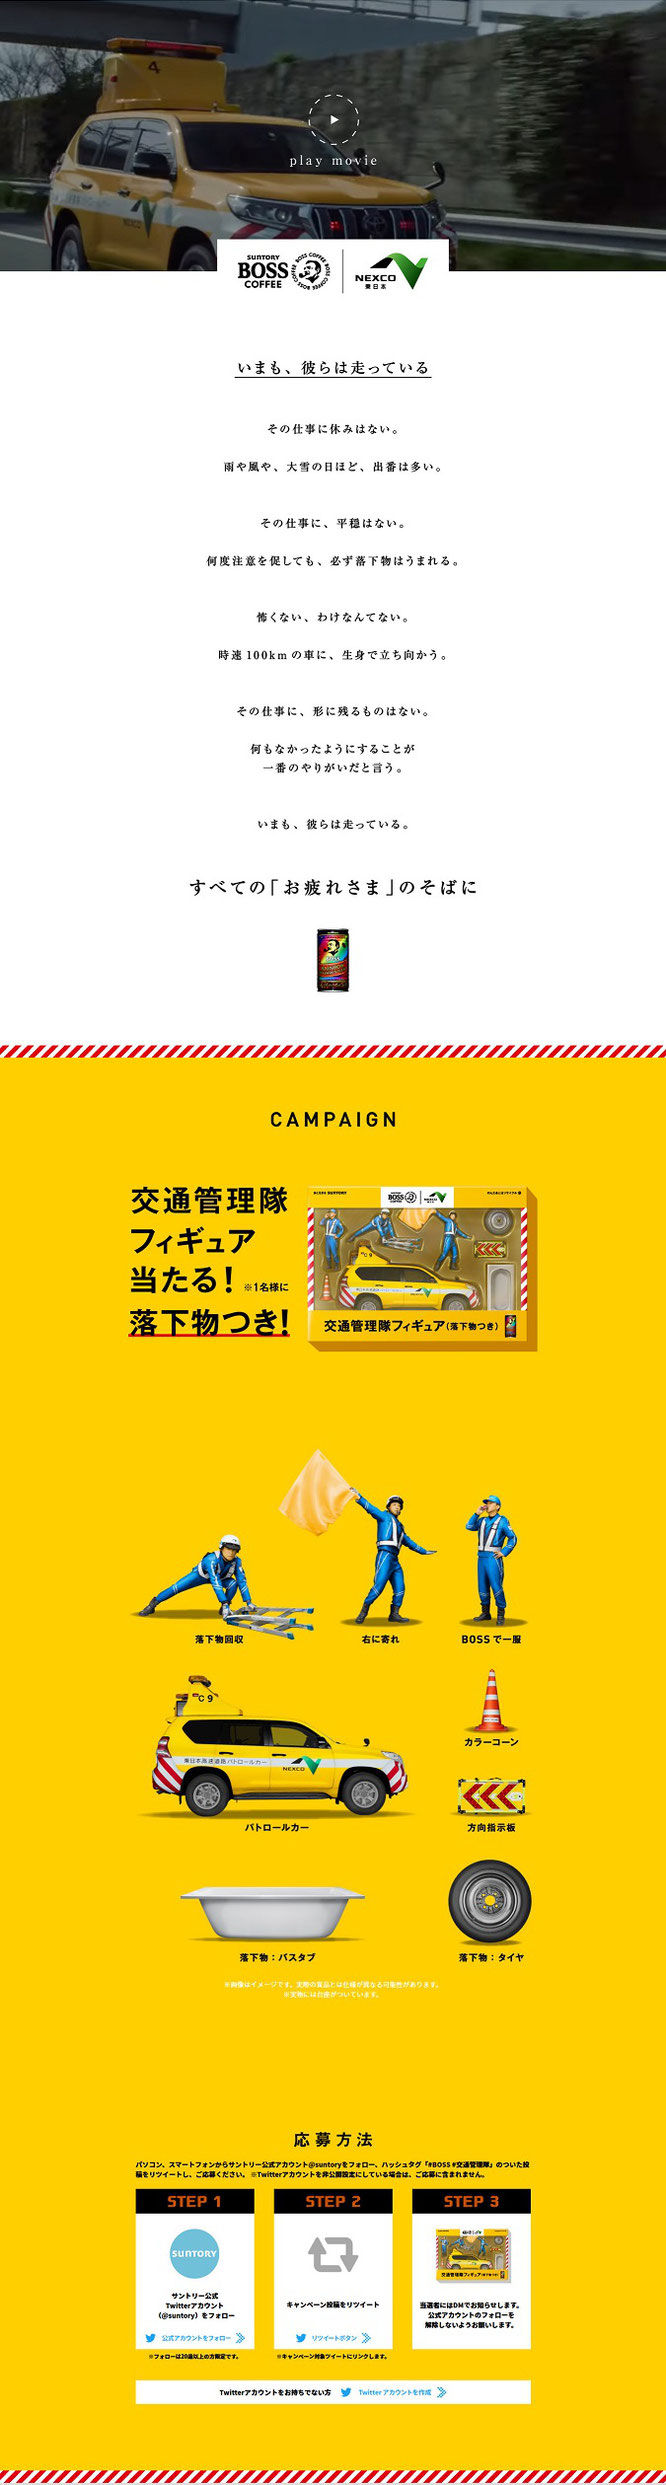 【サントリー】BOSS×NEXCO東日本 交通管理隊フィギュア当たる!キャンペーン